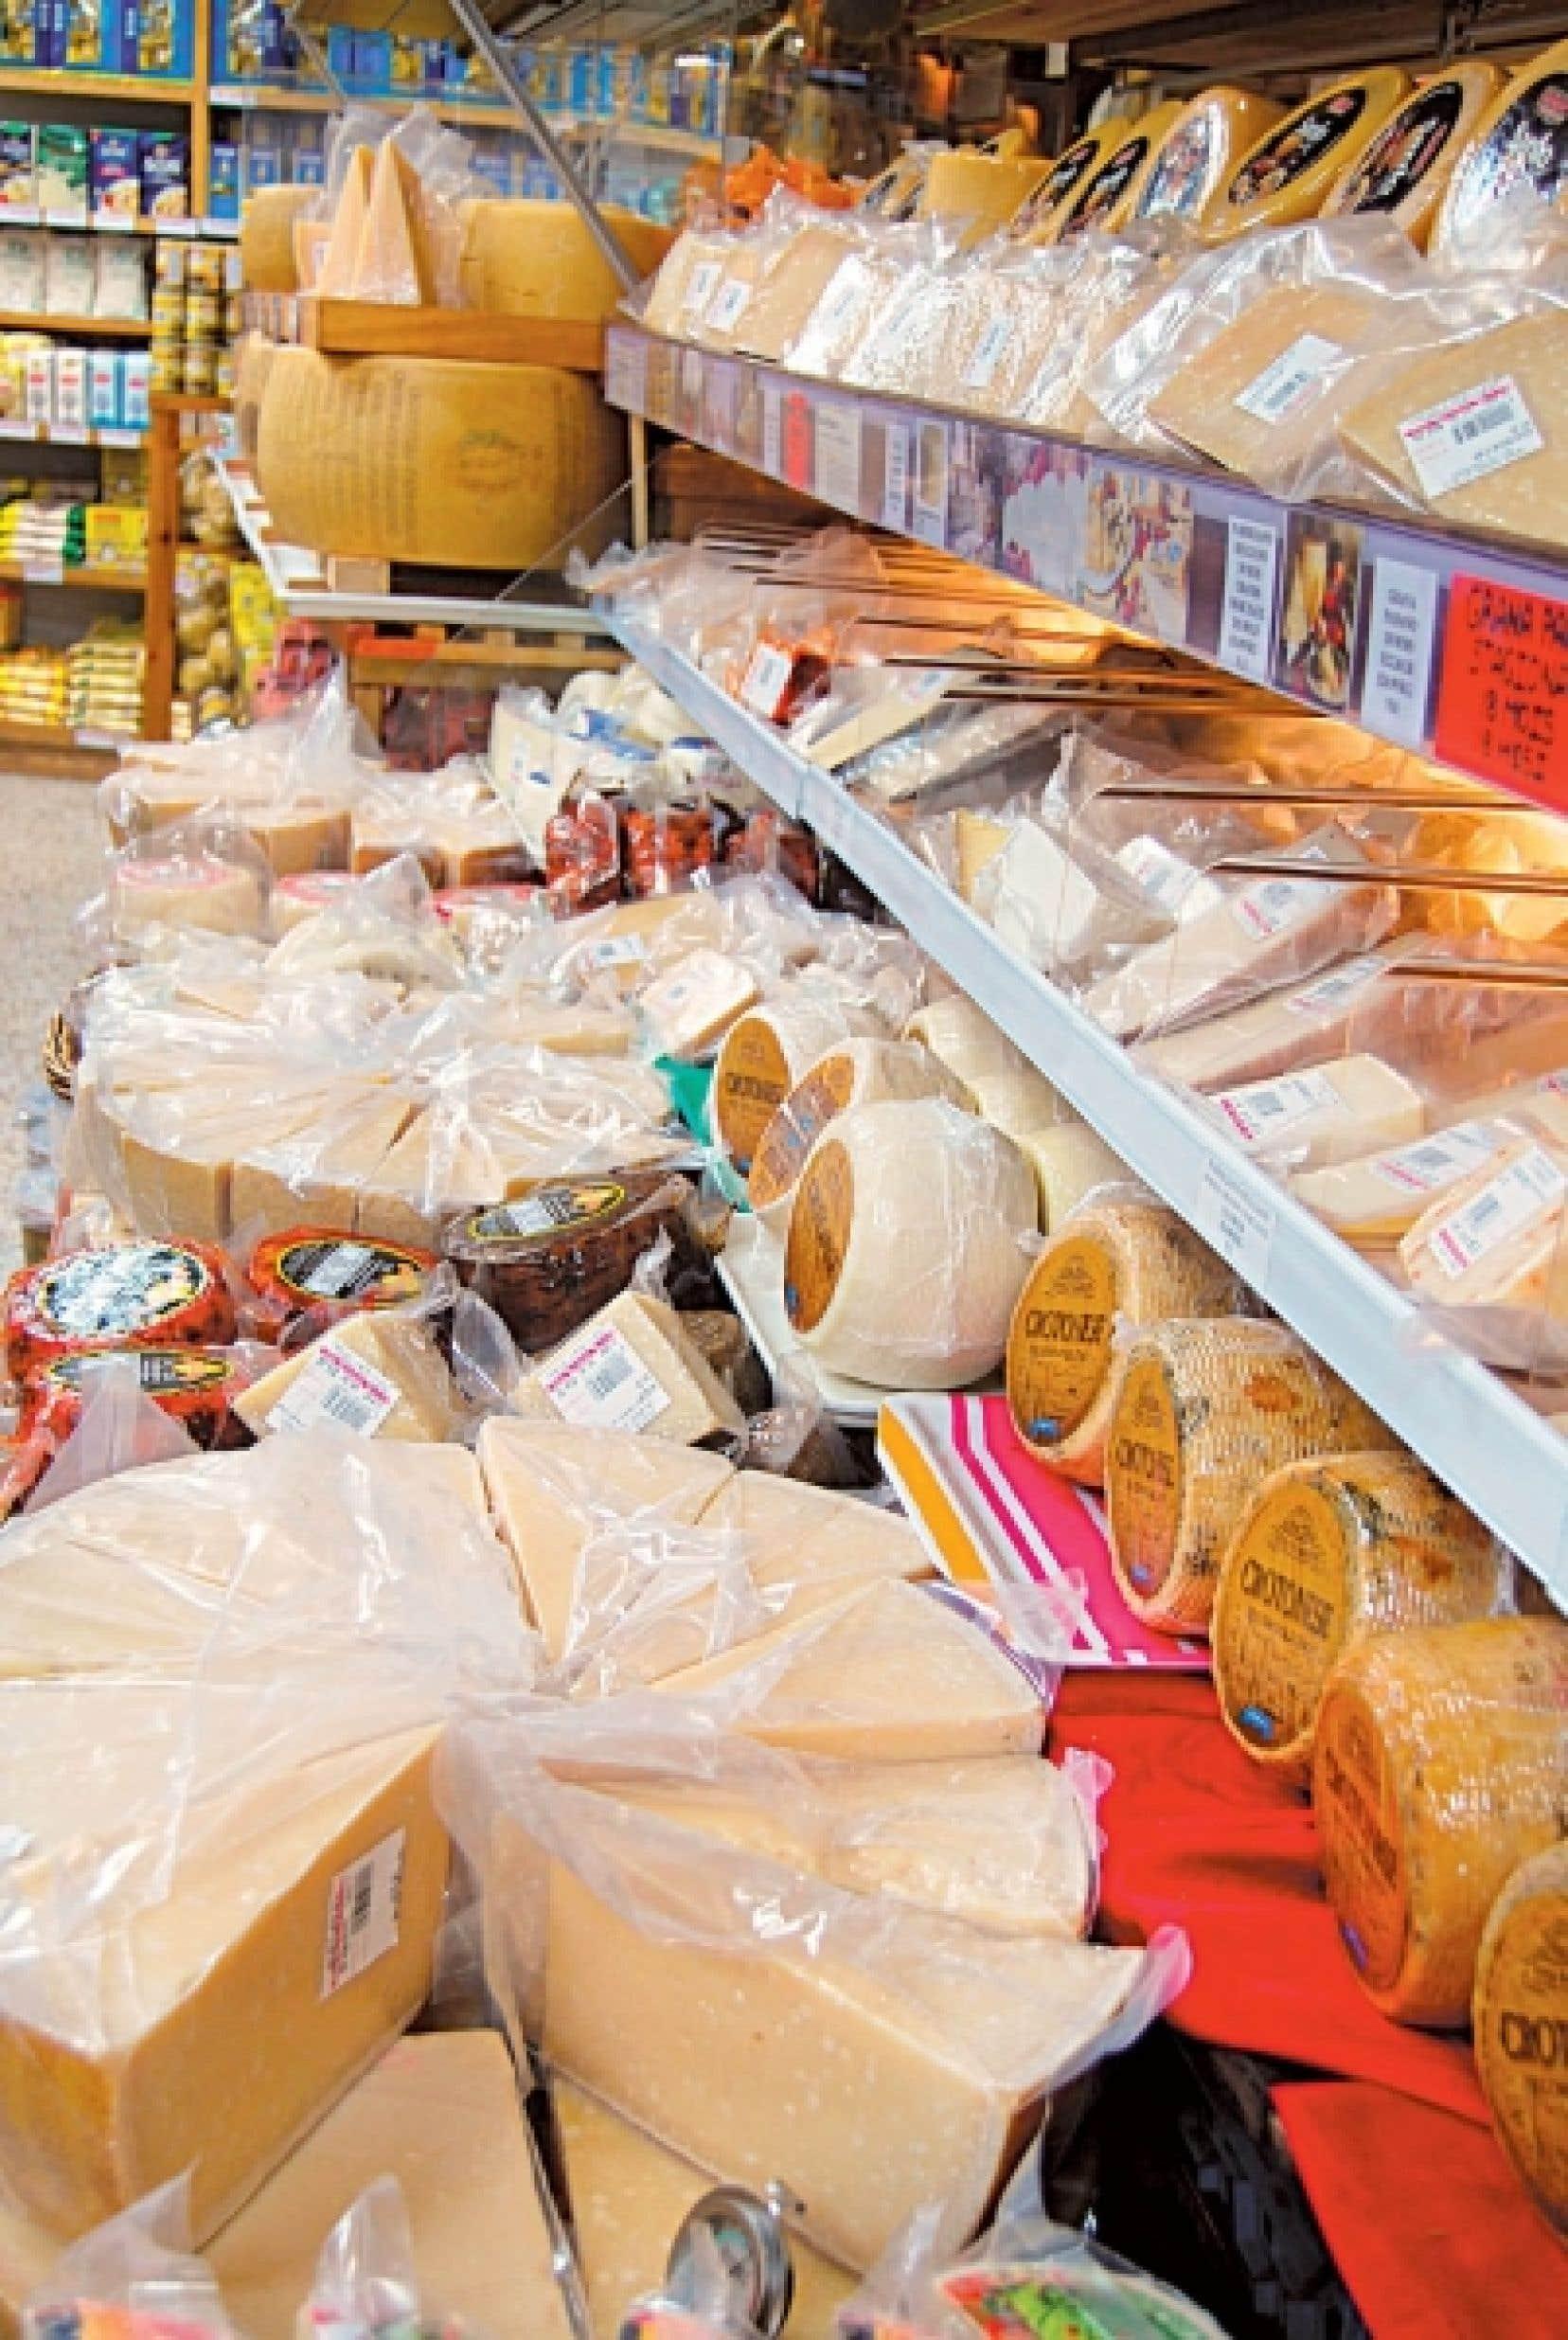 &Agrave; La Baie des fromages se trouvent les meilleurs panettones et nougats ainsi que le plus grand choix de fromages d&rsquo;Italie. <br />